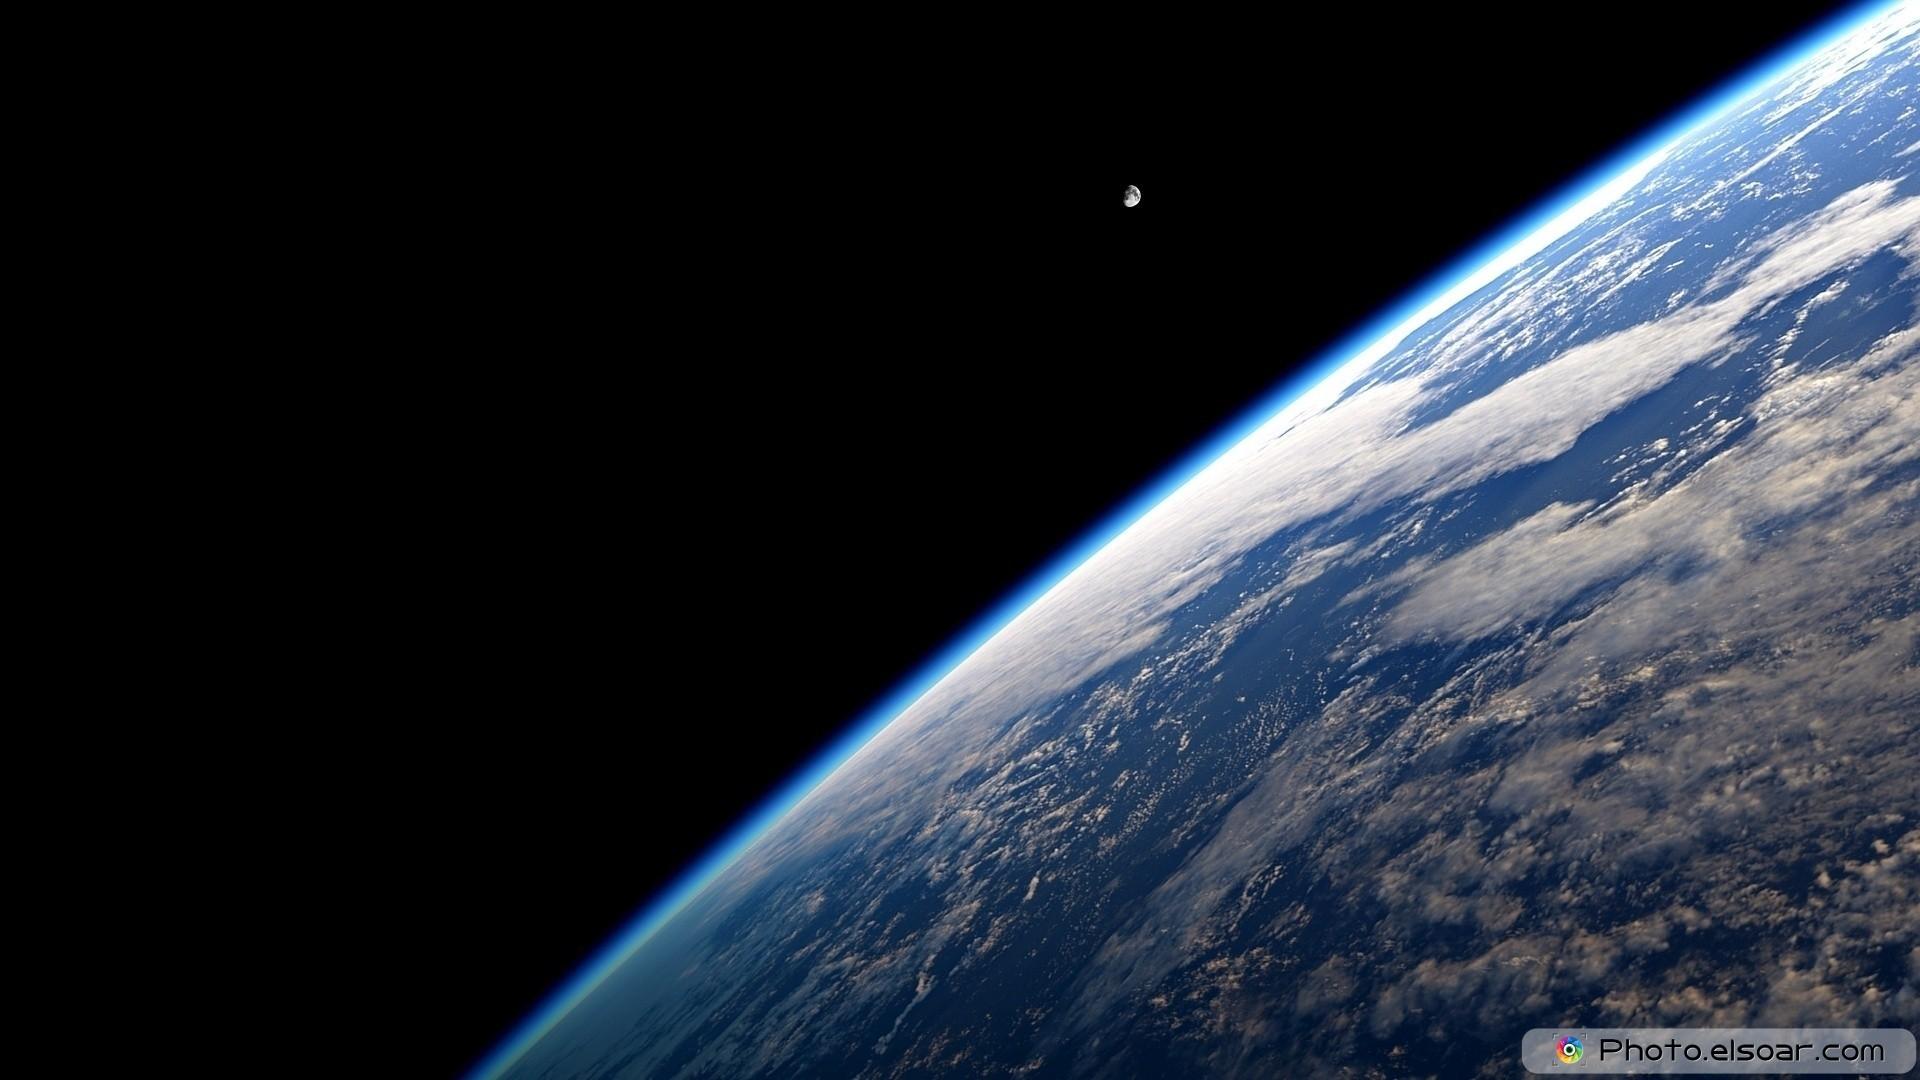 Space At Night Free HD Desktop Wallpaper